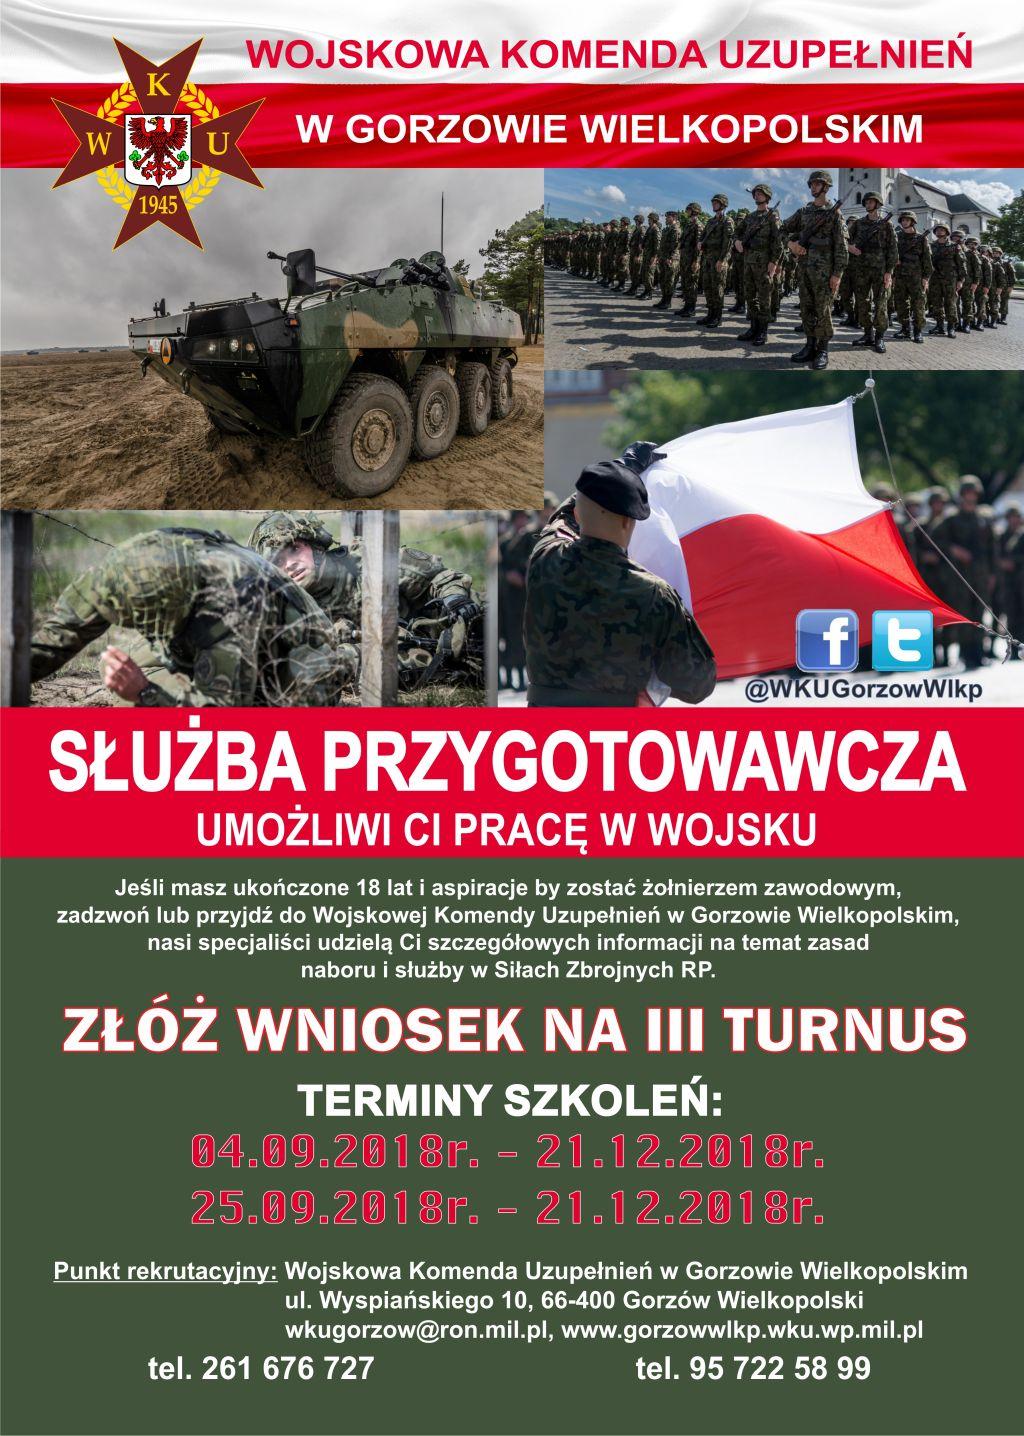 Ilustracja do informacji: Wojskowa Komenda Uzupełnień w Gorzowie Wlkp. prowadzi nabór do służby przygotowawczej